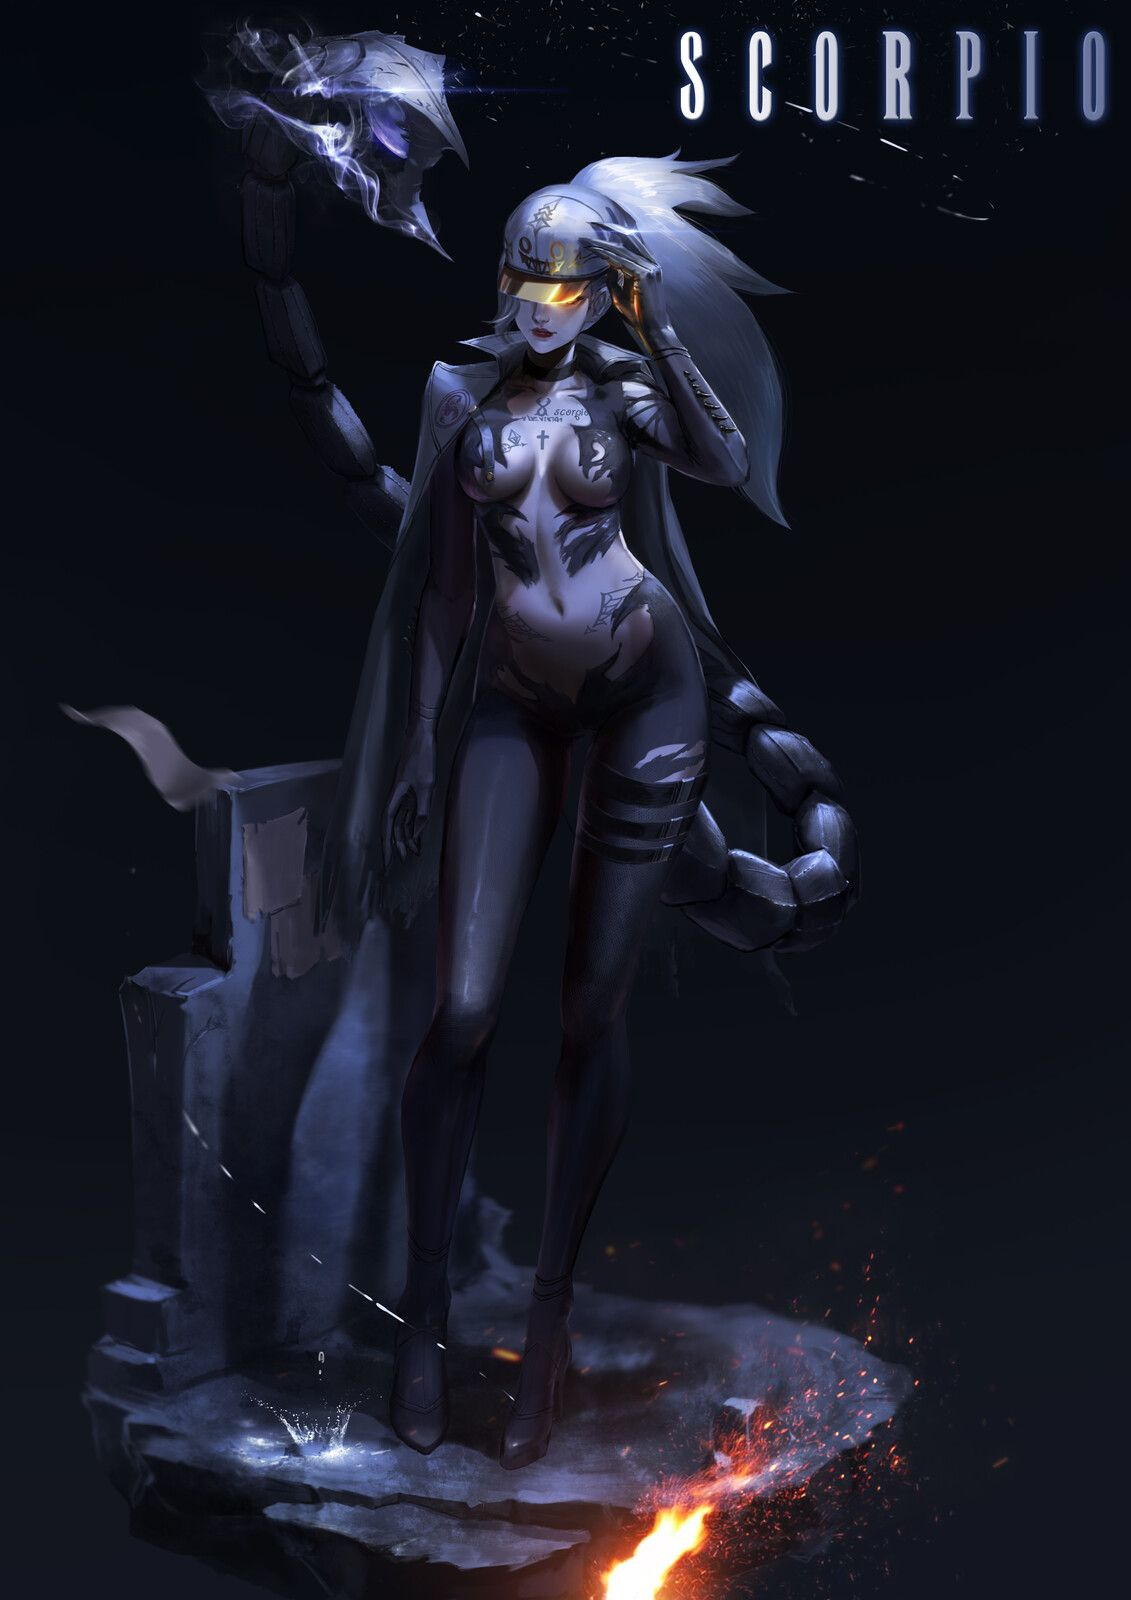 Картинки аниме Эпичный арт   большая подборка (1)